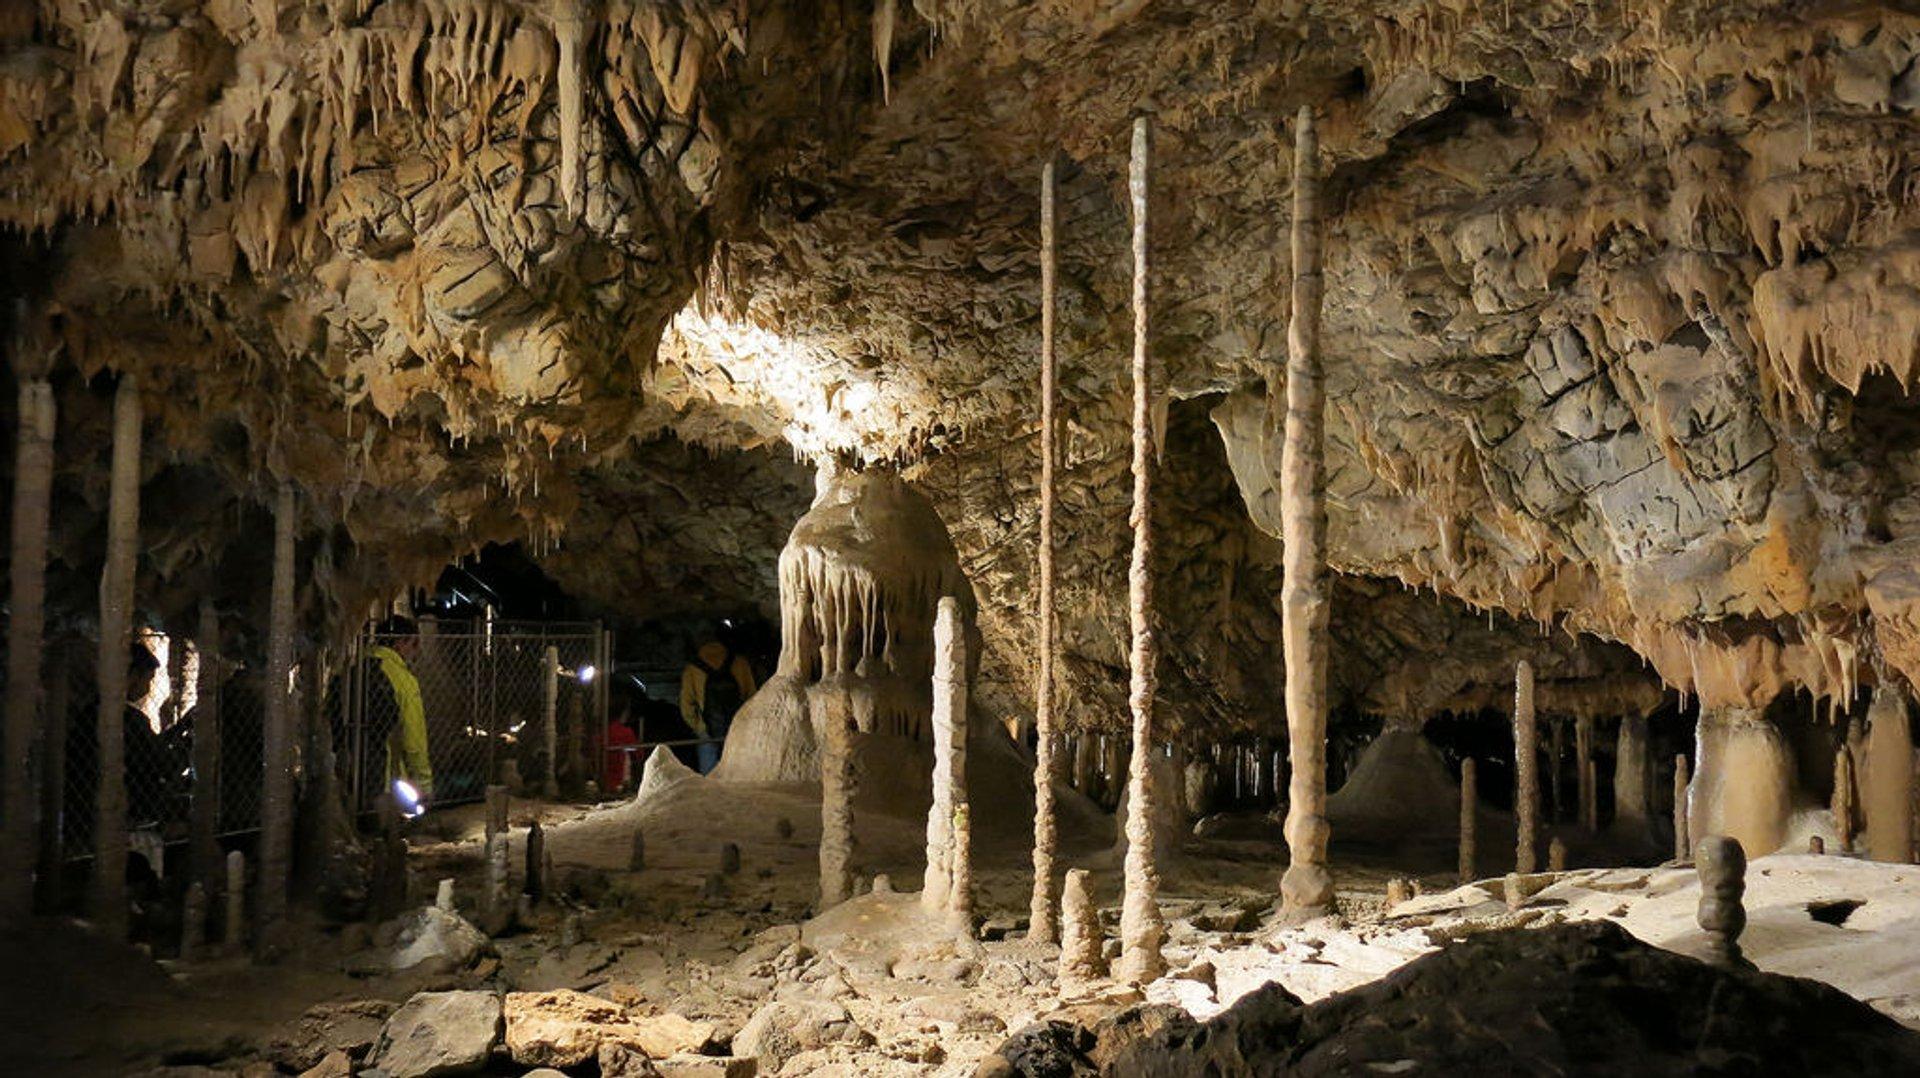 Kateřinská jeskyně (Katerinska Cave) 2019